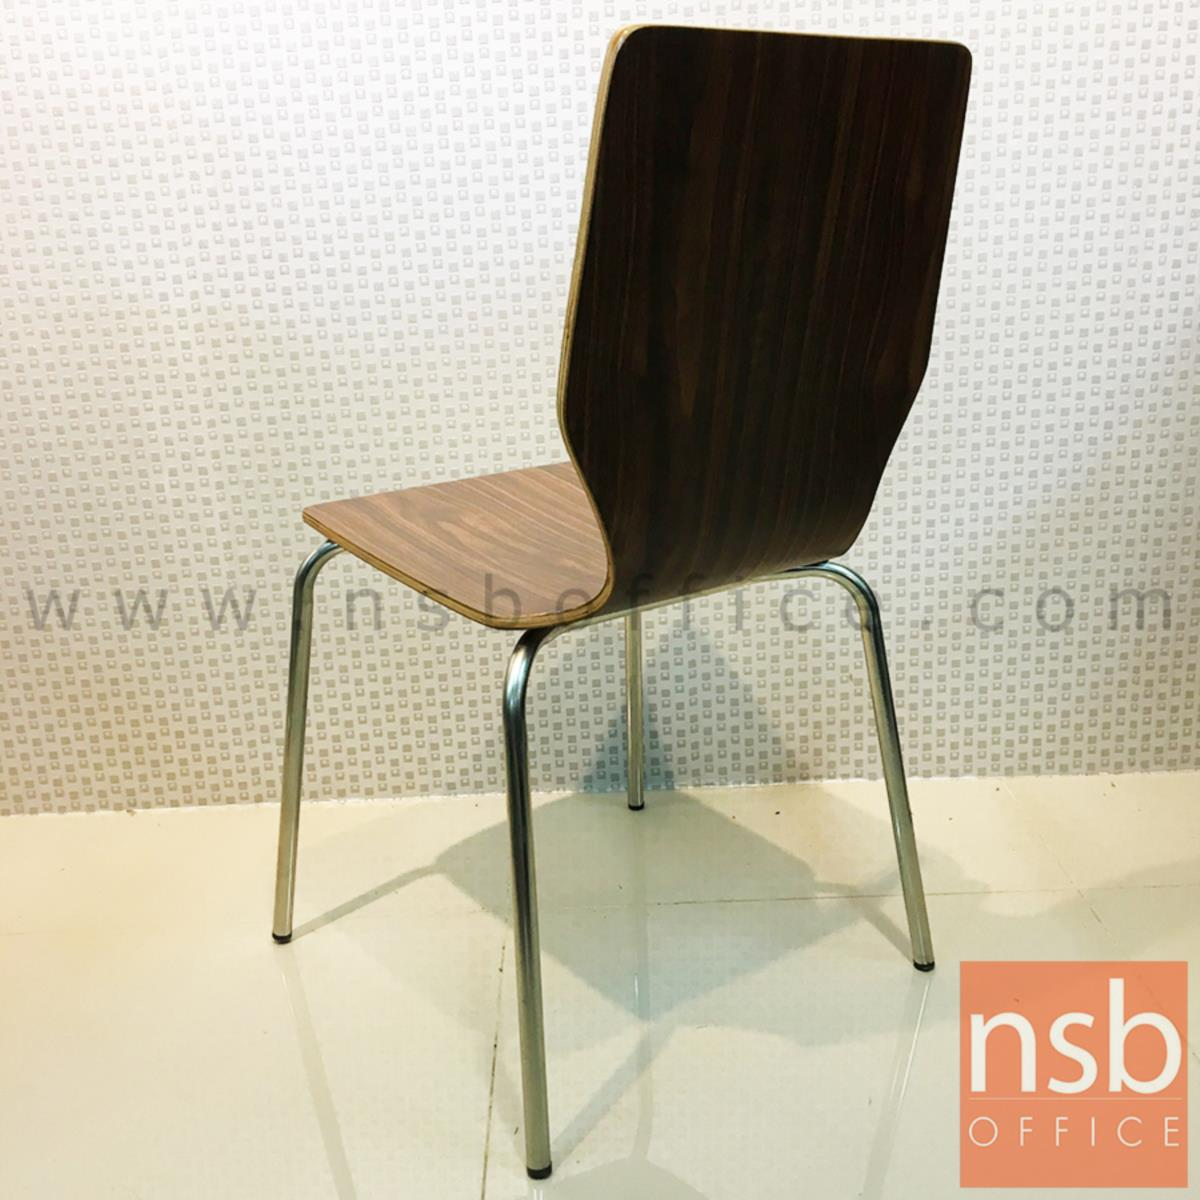 เก้าอี้อเนกประสงค์ไม้ดัด รุ่น Axl (แอกเซล) ขนาด 82H cm.  ขาสแตนเลส